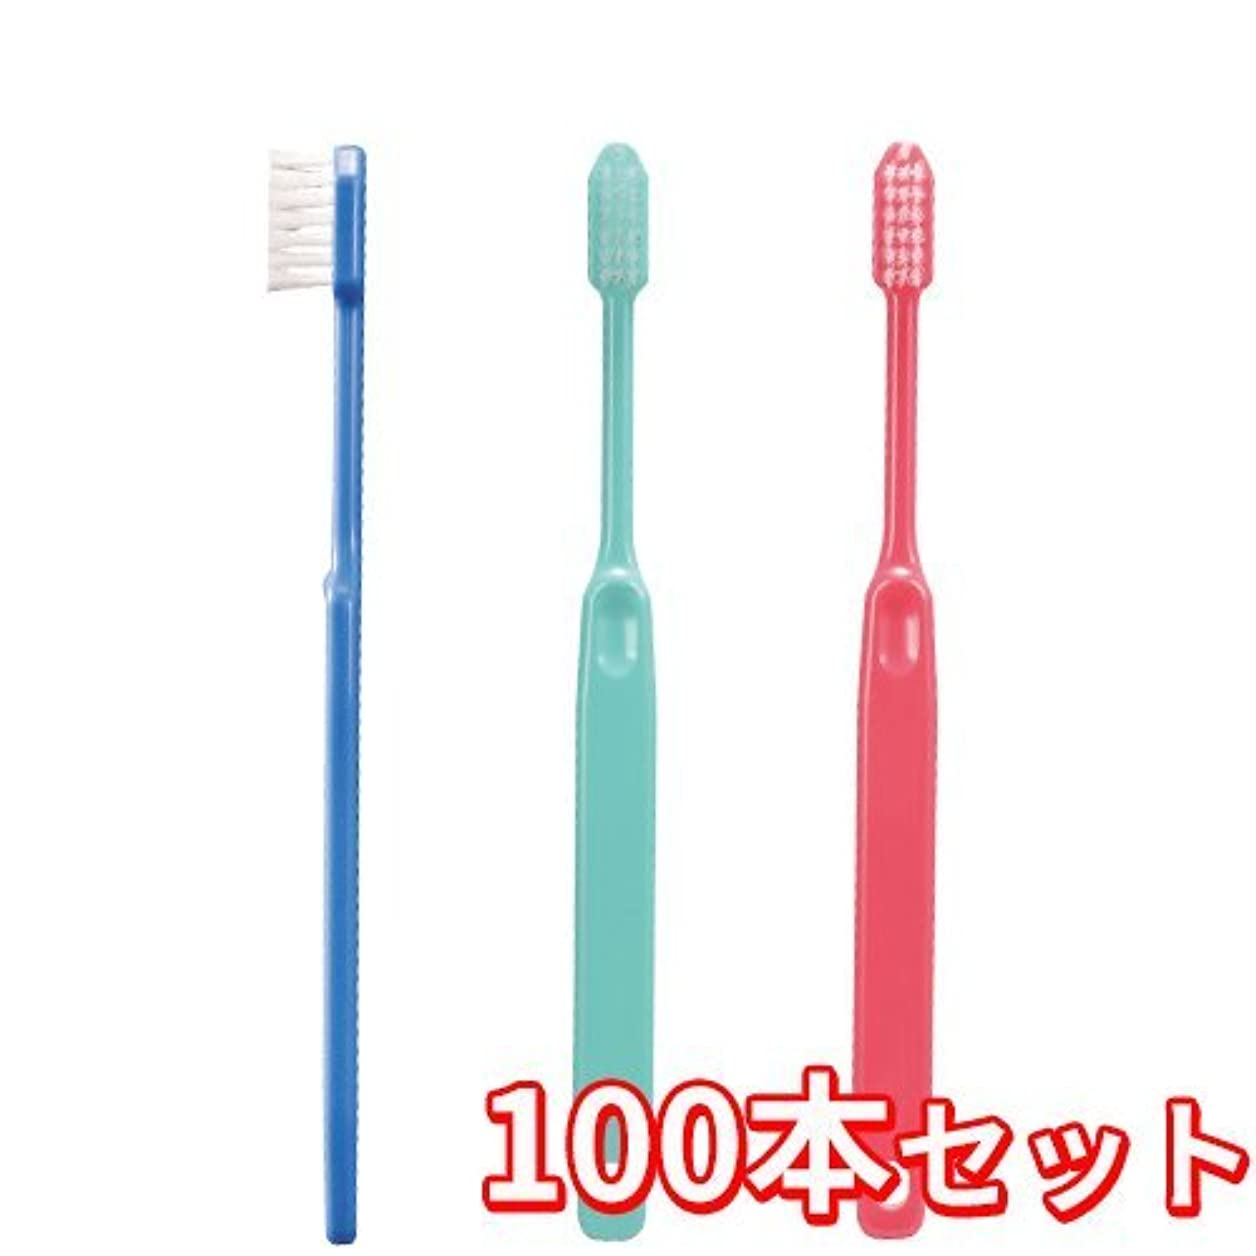 乱す競う免除Ciメディカル 歯ブラシ コンパクトヘッド 疎毛タイプ アソート 100本 (Ci25(やわらかめ))